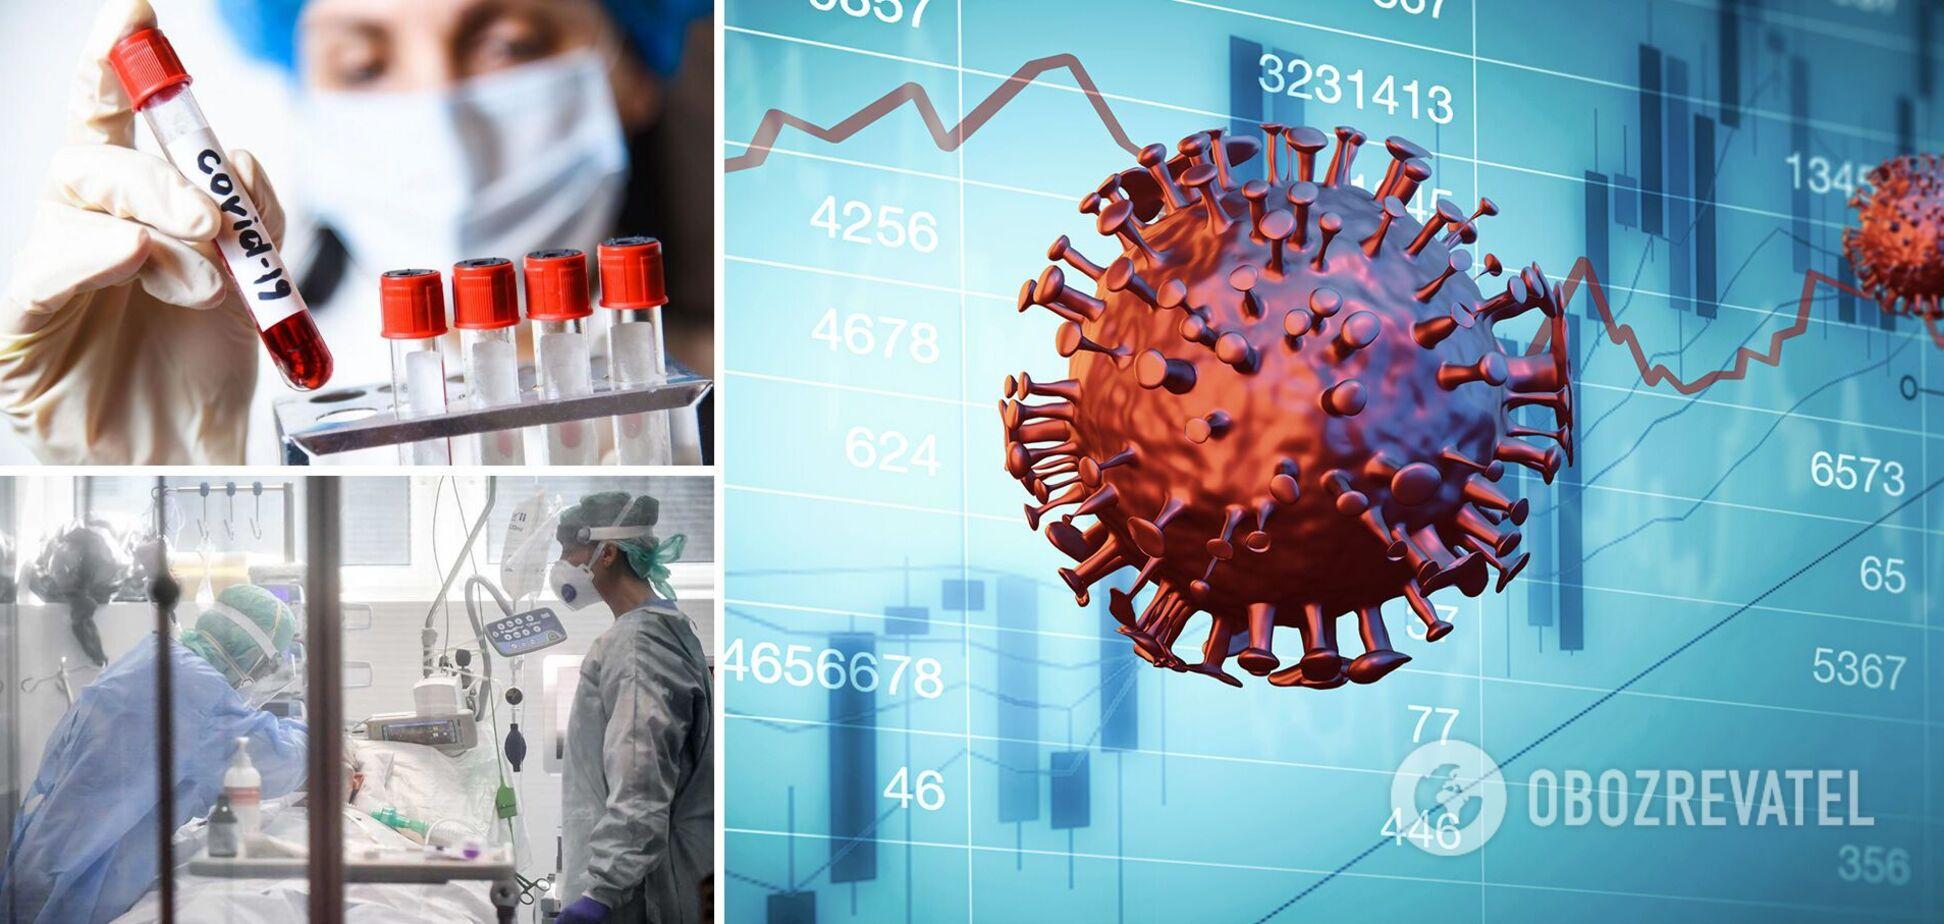 Епідеміолог: клінічно підтверджених випадків COVID-19 в Україні в сотні разів більше